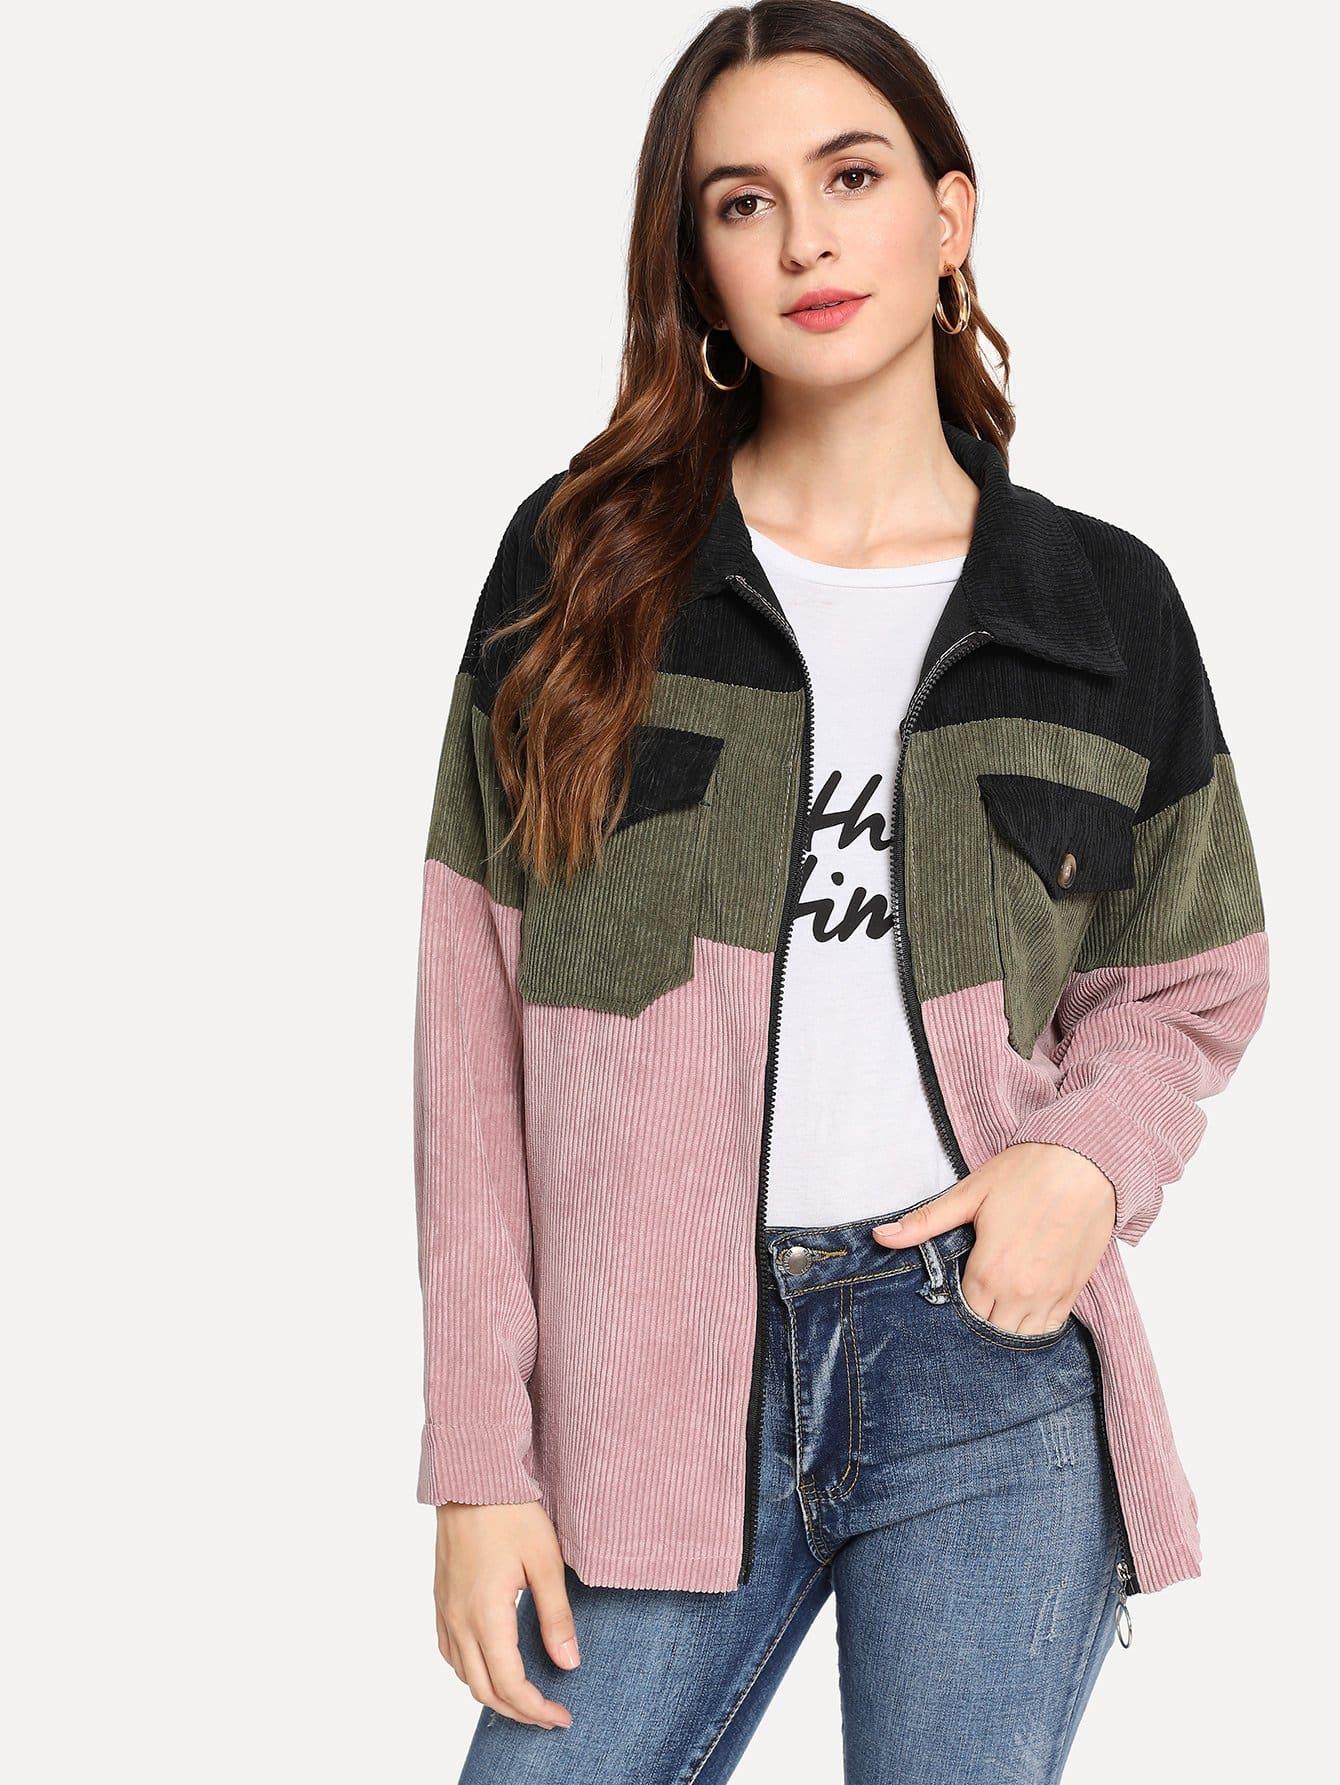 Купить Многоцветный на молнии Повседневный стиль Пальто, Jana, SheIn